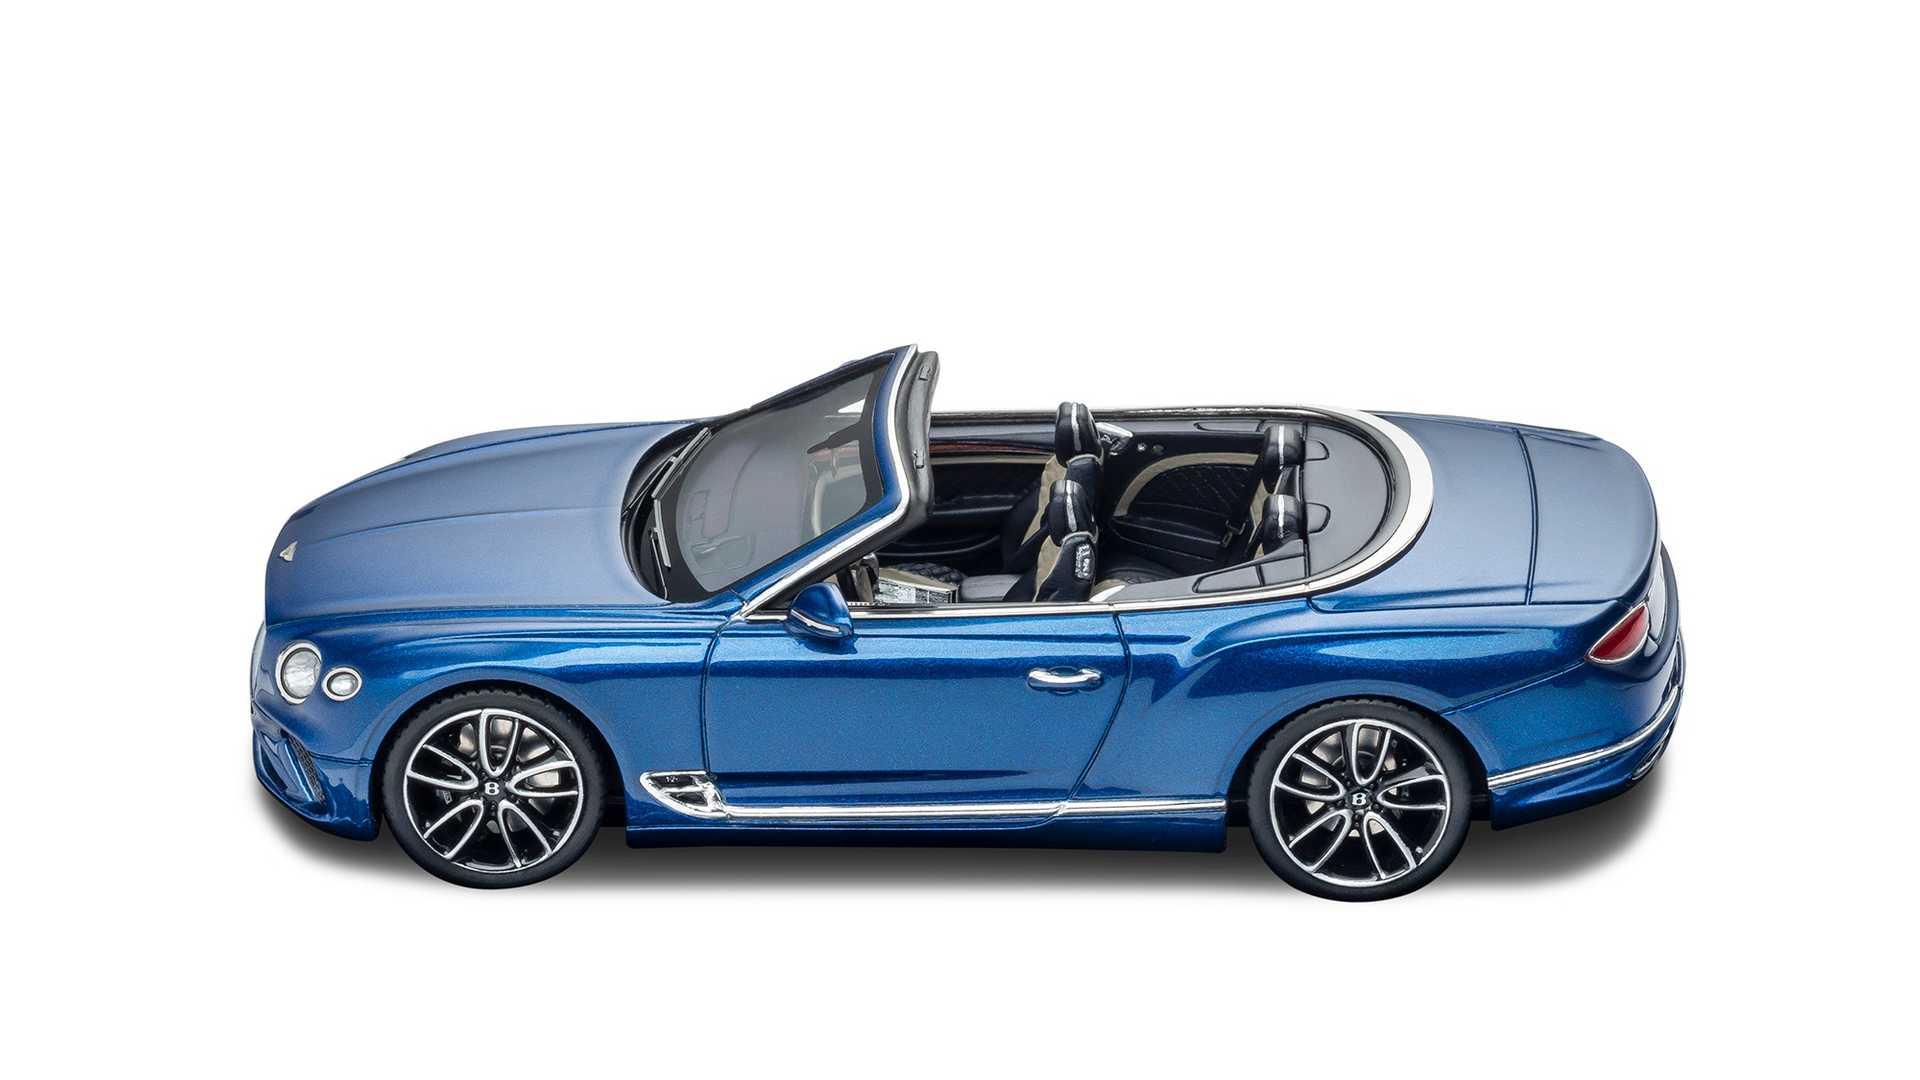 Bentley_scale_models_0002